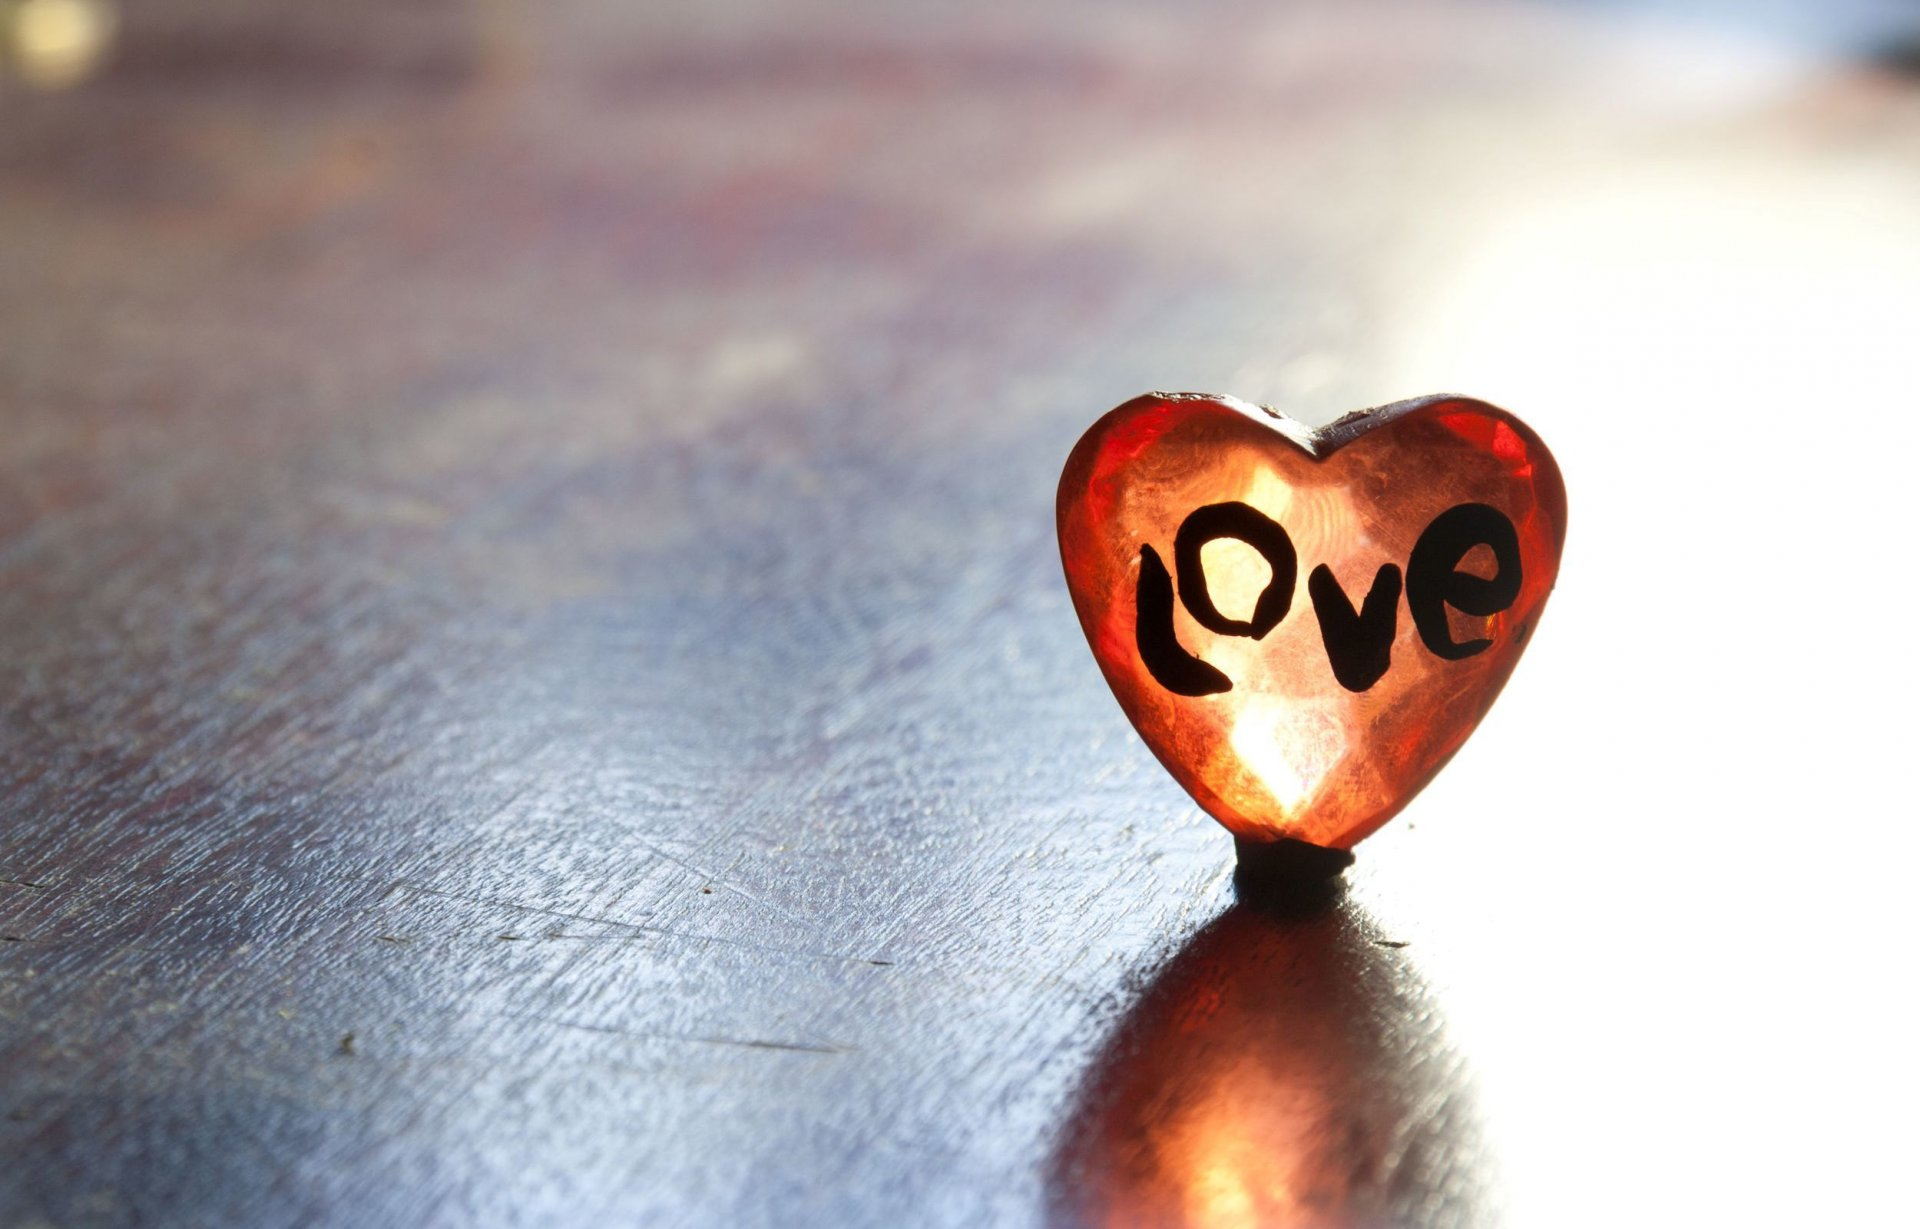 Прикольные картинки сердечка